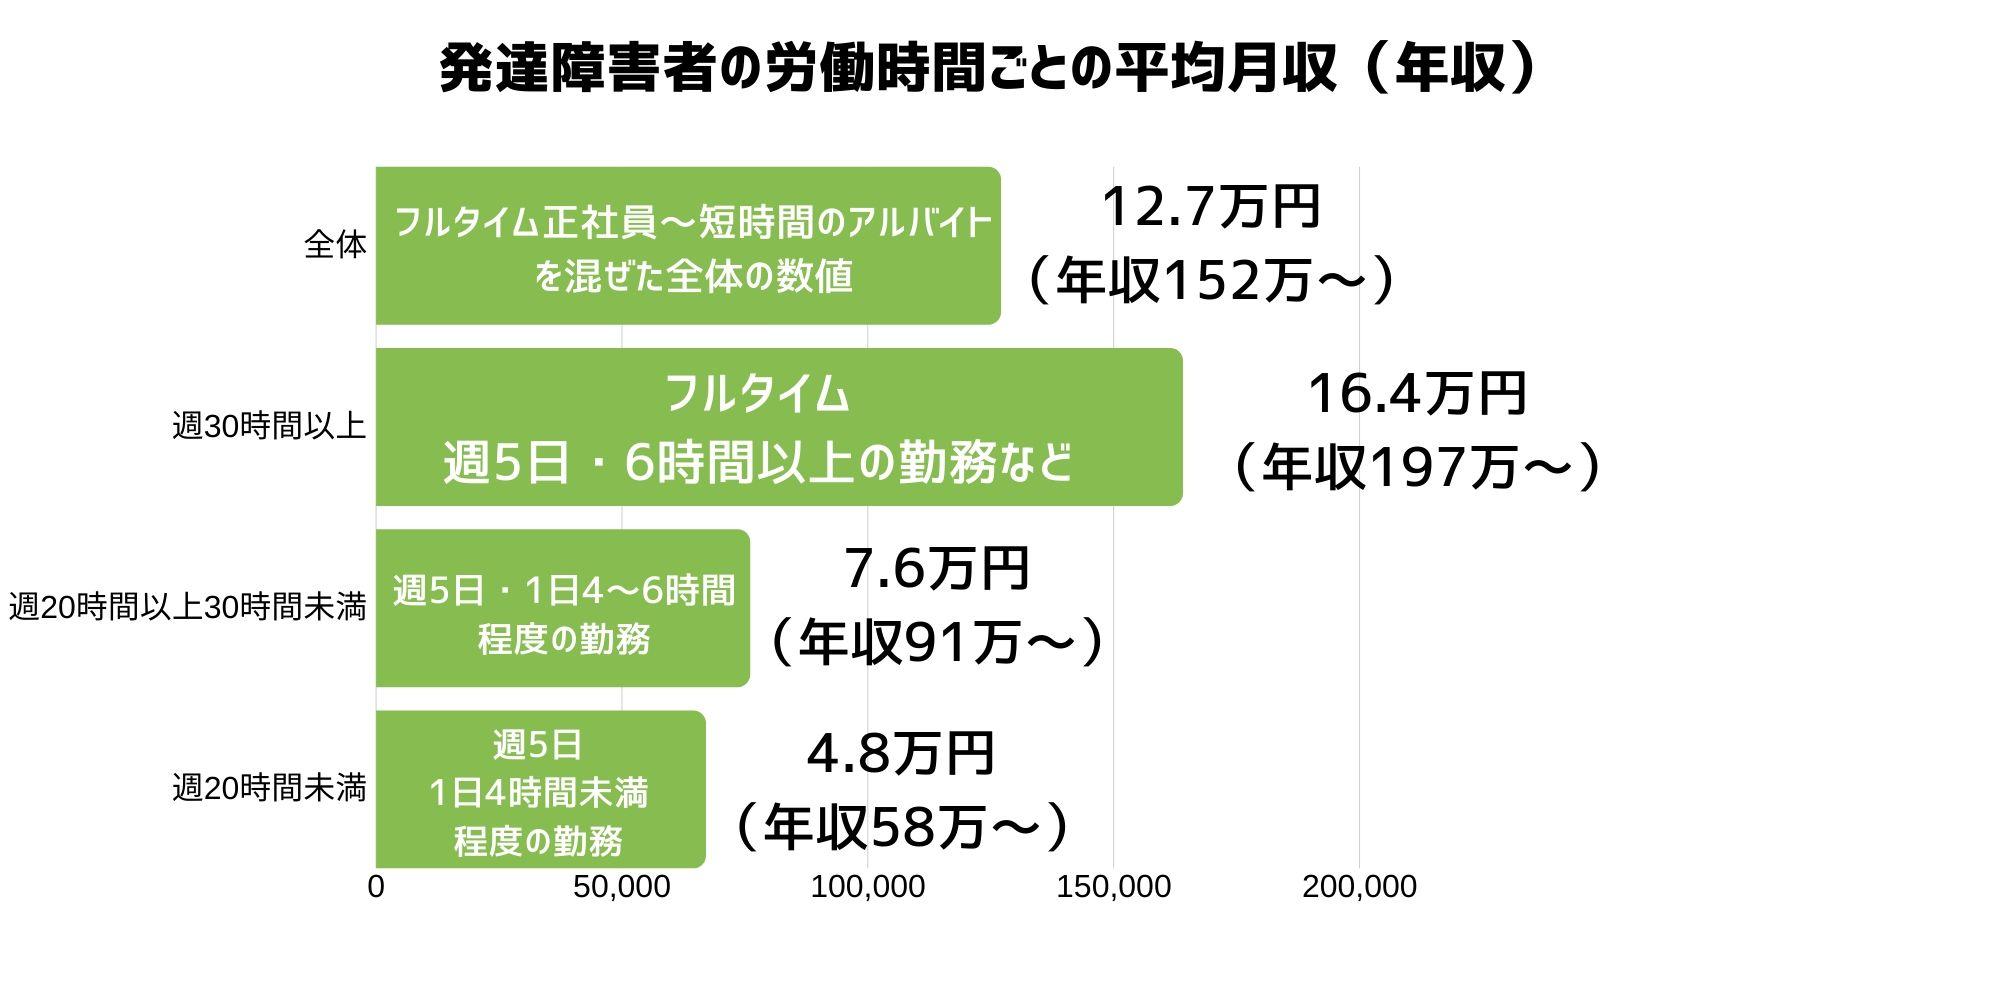 発達障害者の労働時間ごとの平均月収(年収)